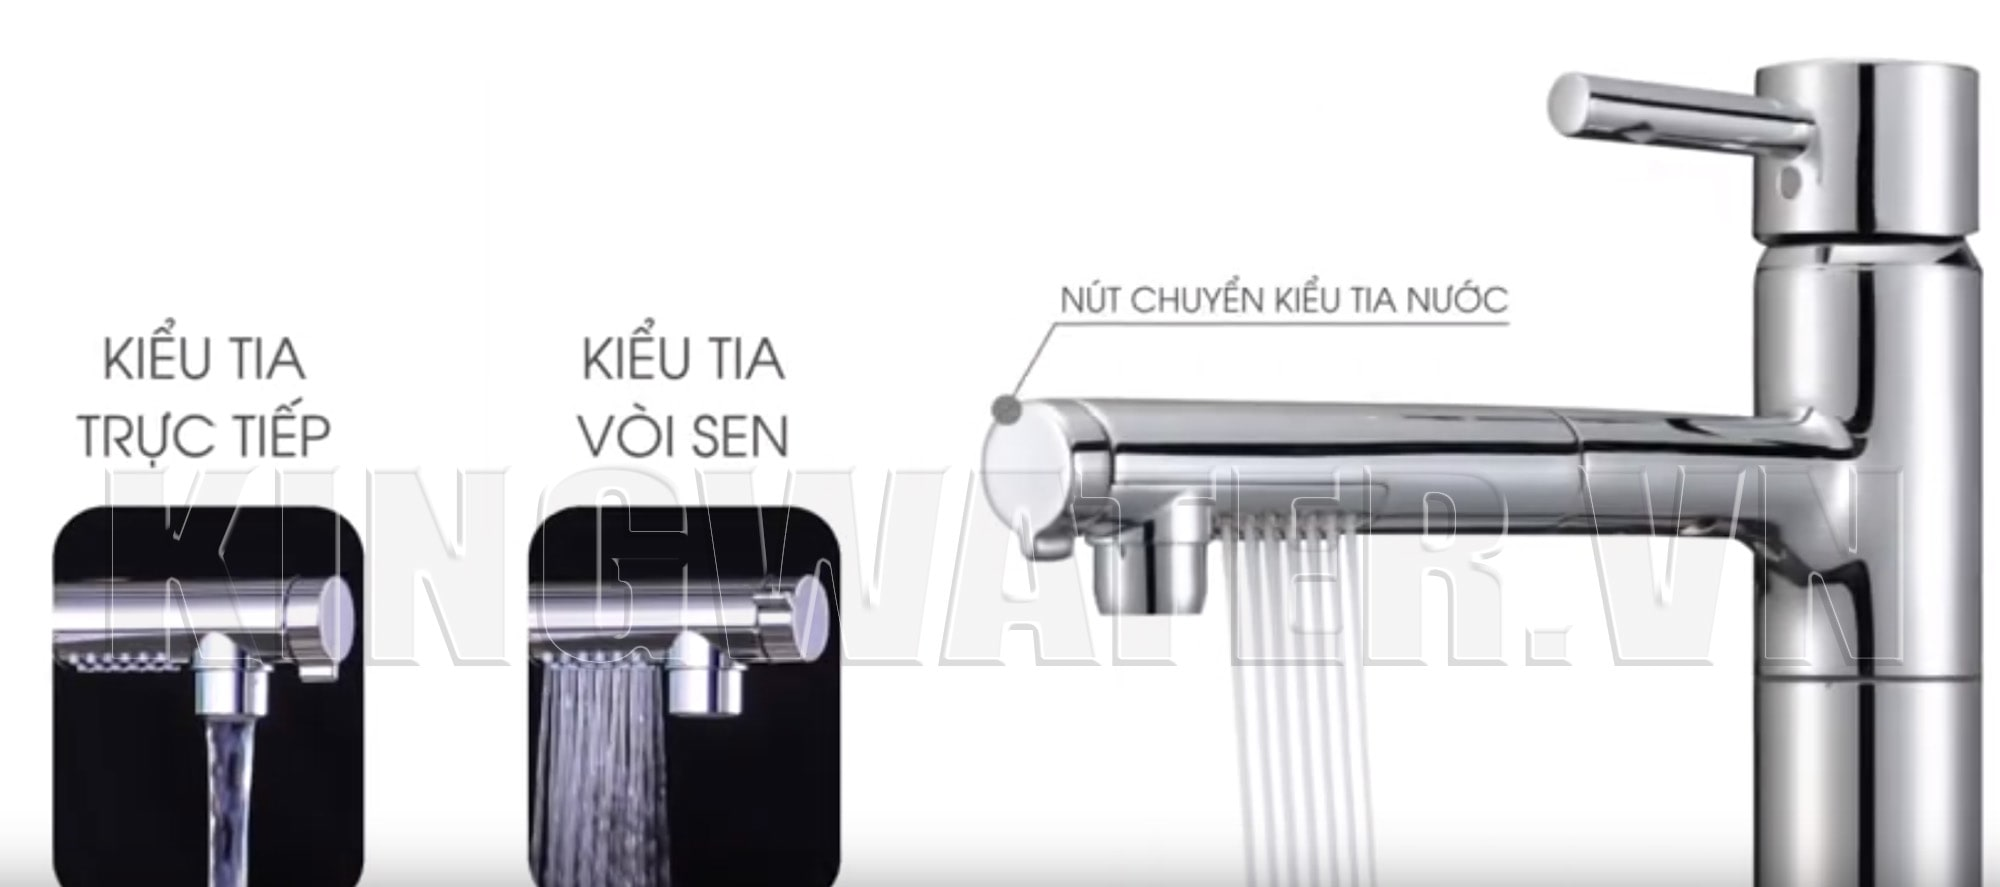 Vòi nước của máy lọc nước Cleansui EU202 tích hợp hai kiểu xả nước